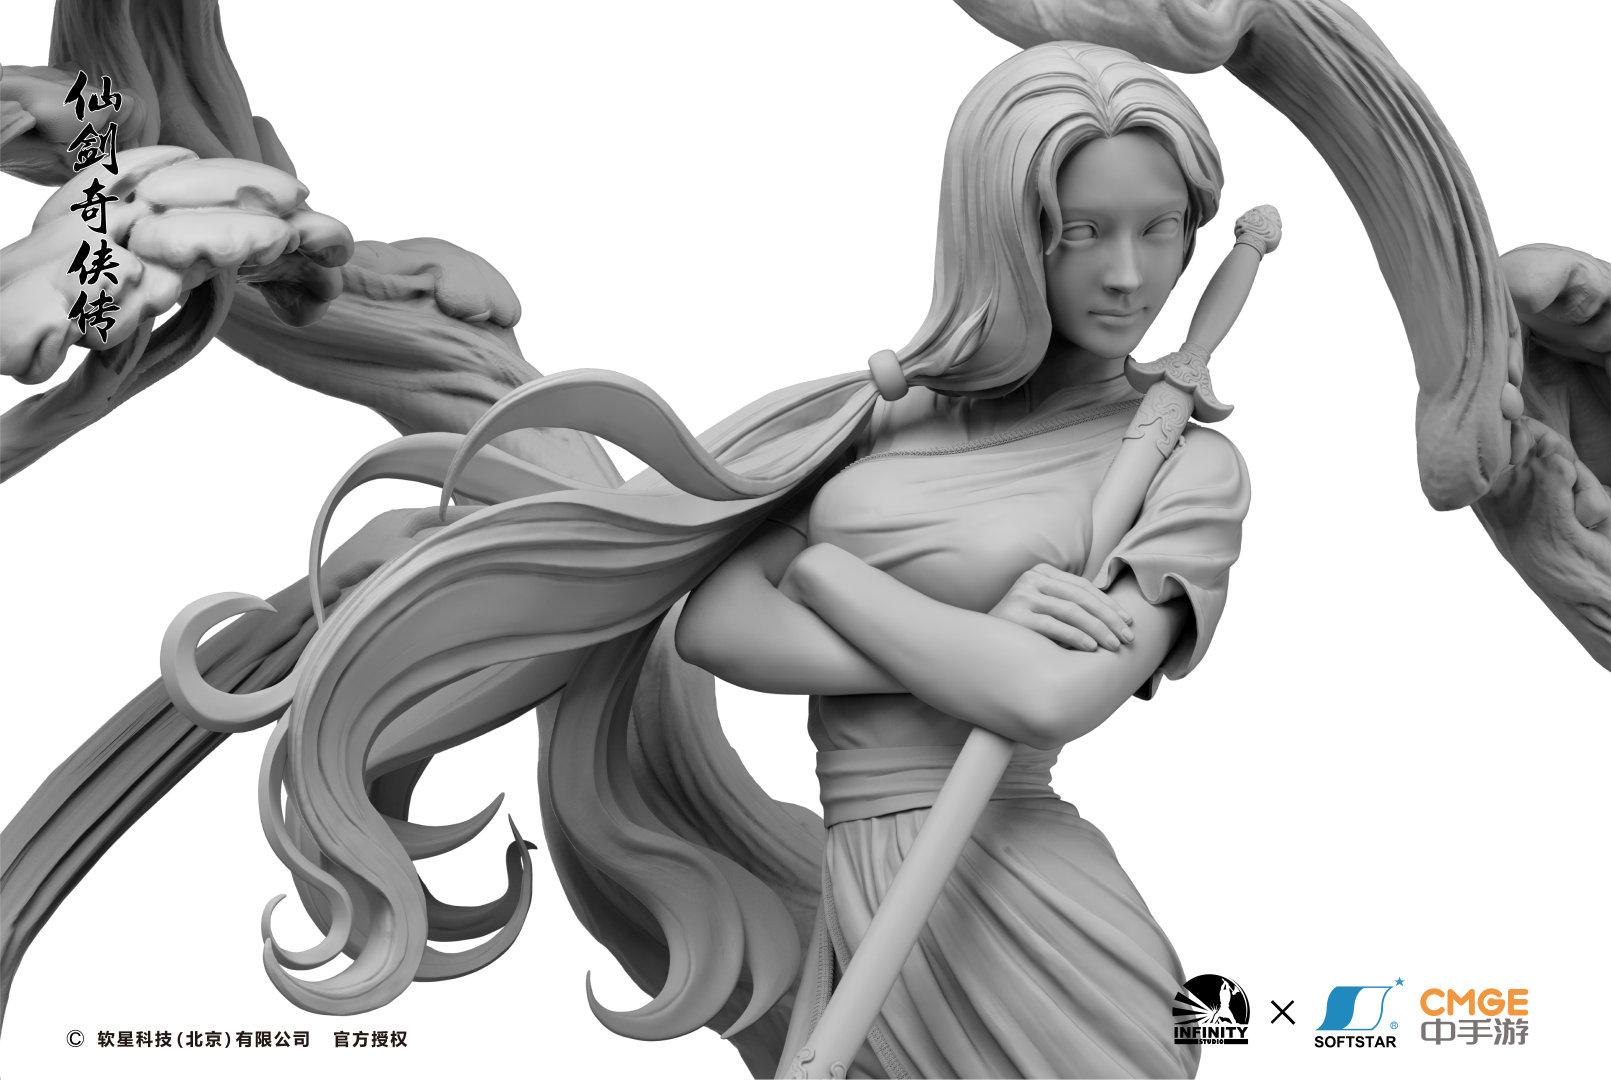 开天工作室 x 软星推出《仙剑奇侠传》林月如雕像